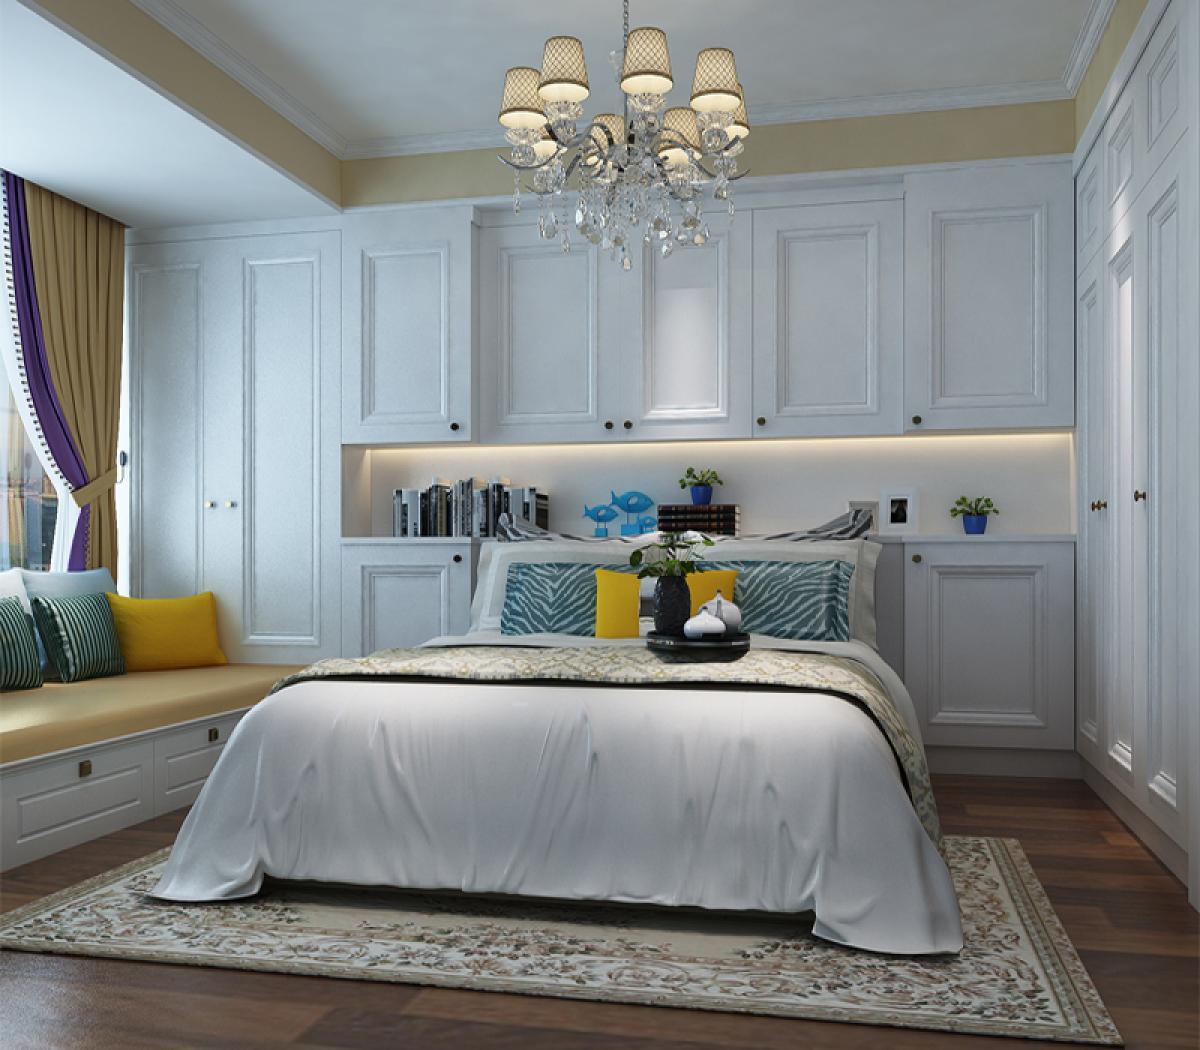 业主物品比较多,所以在主卧室床头做壁柜,利用空间,增加储藏功能.